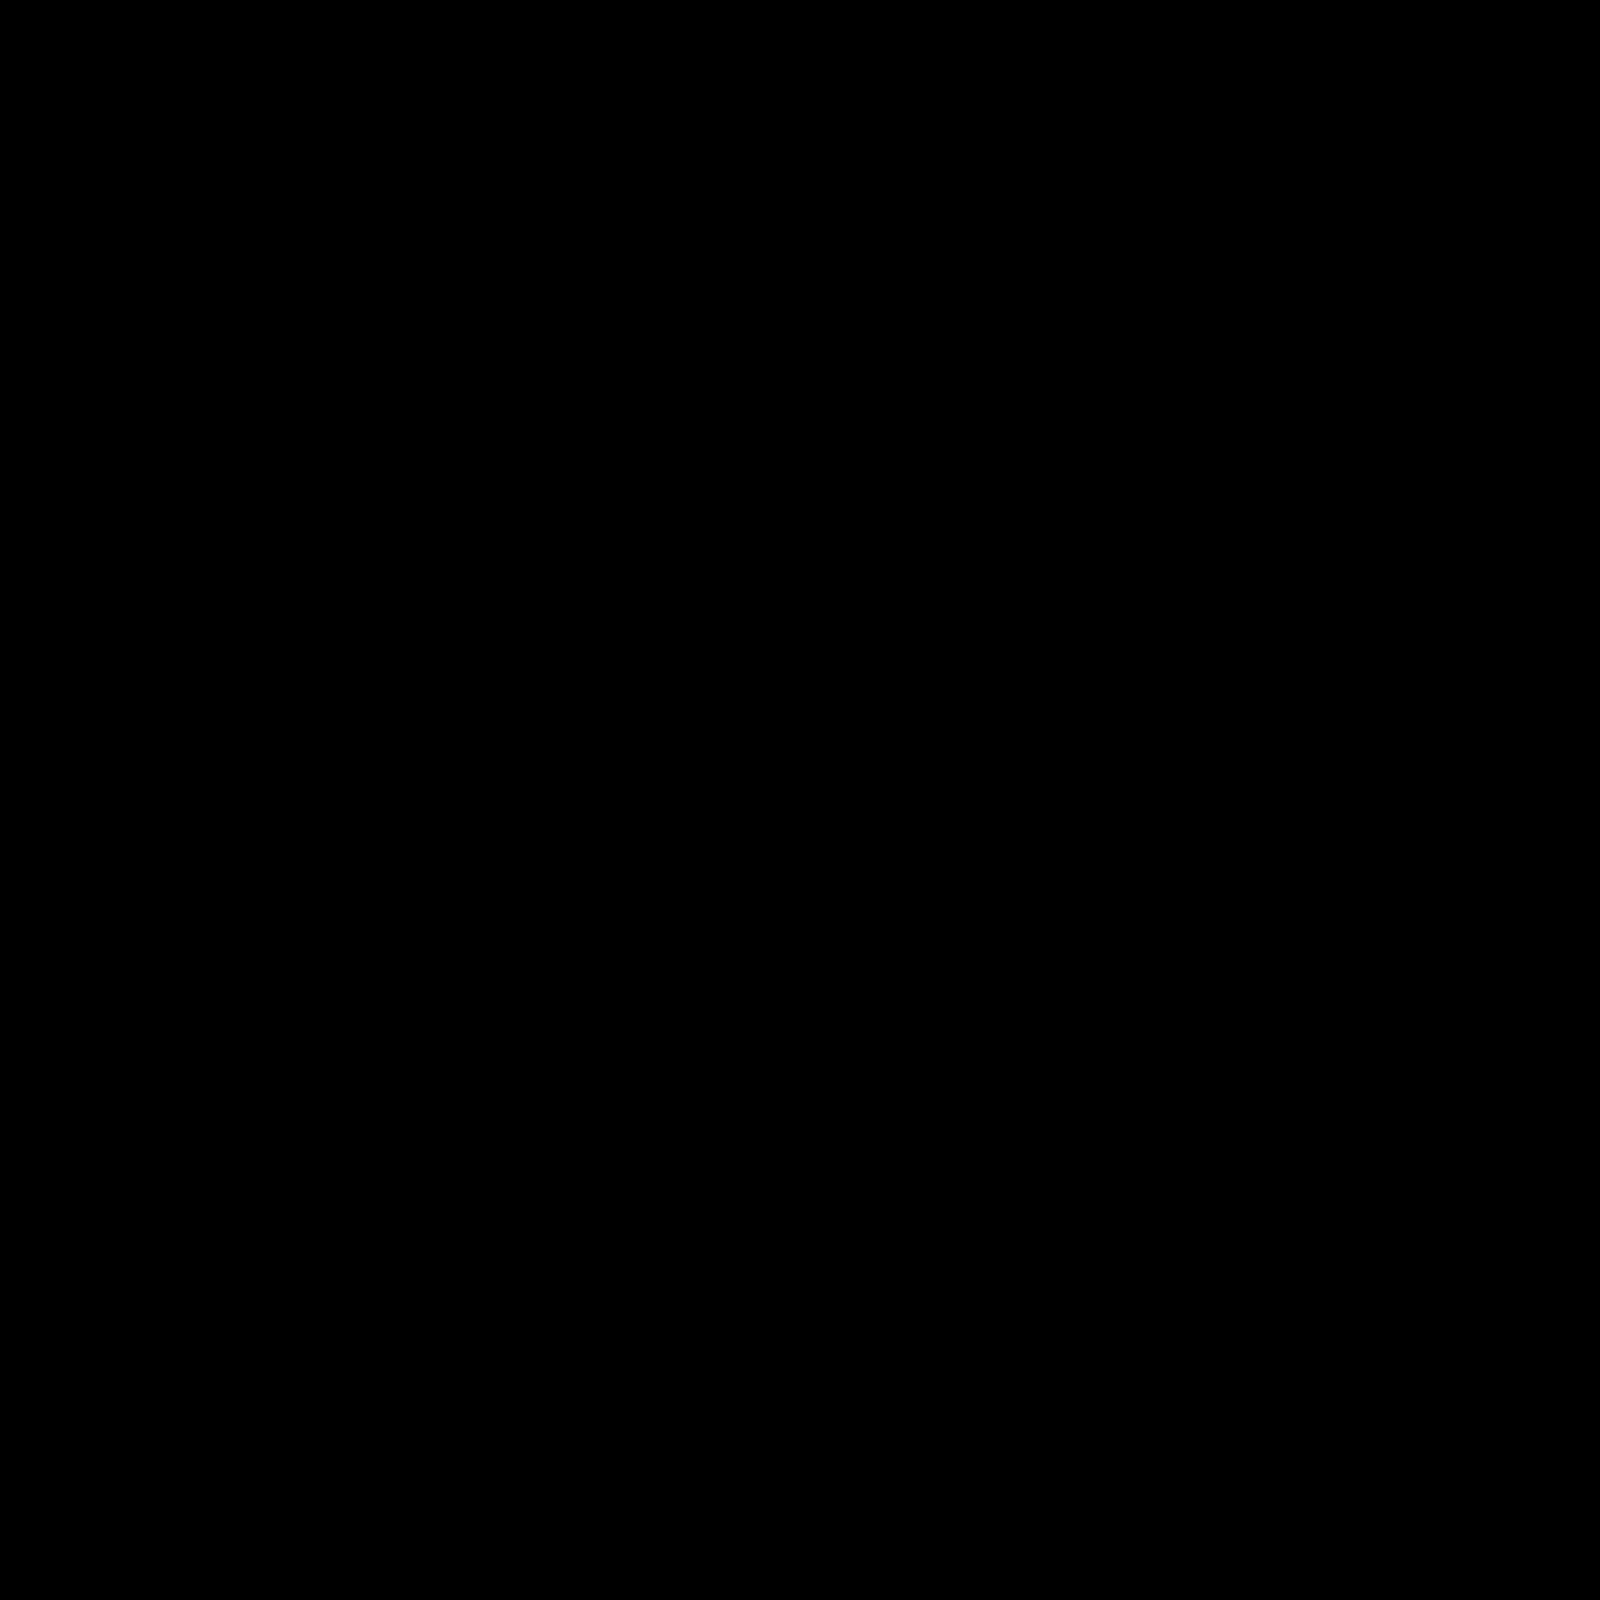 multiple-users-silhouette_318-49546.jpg